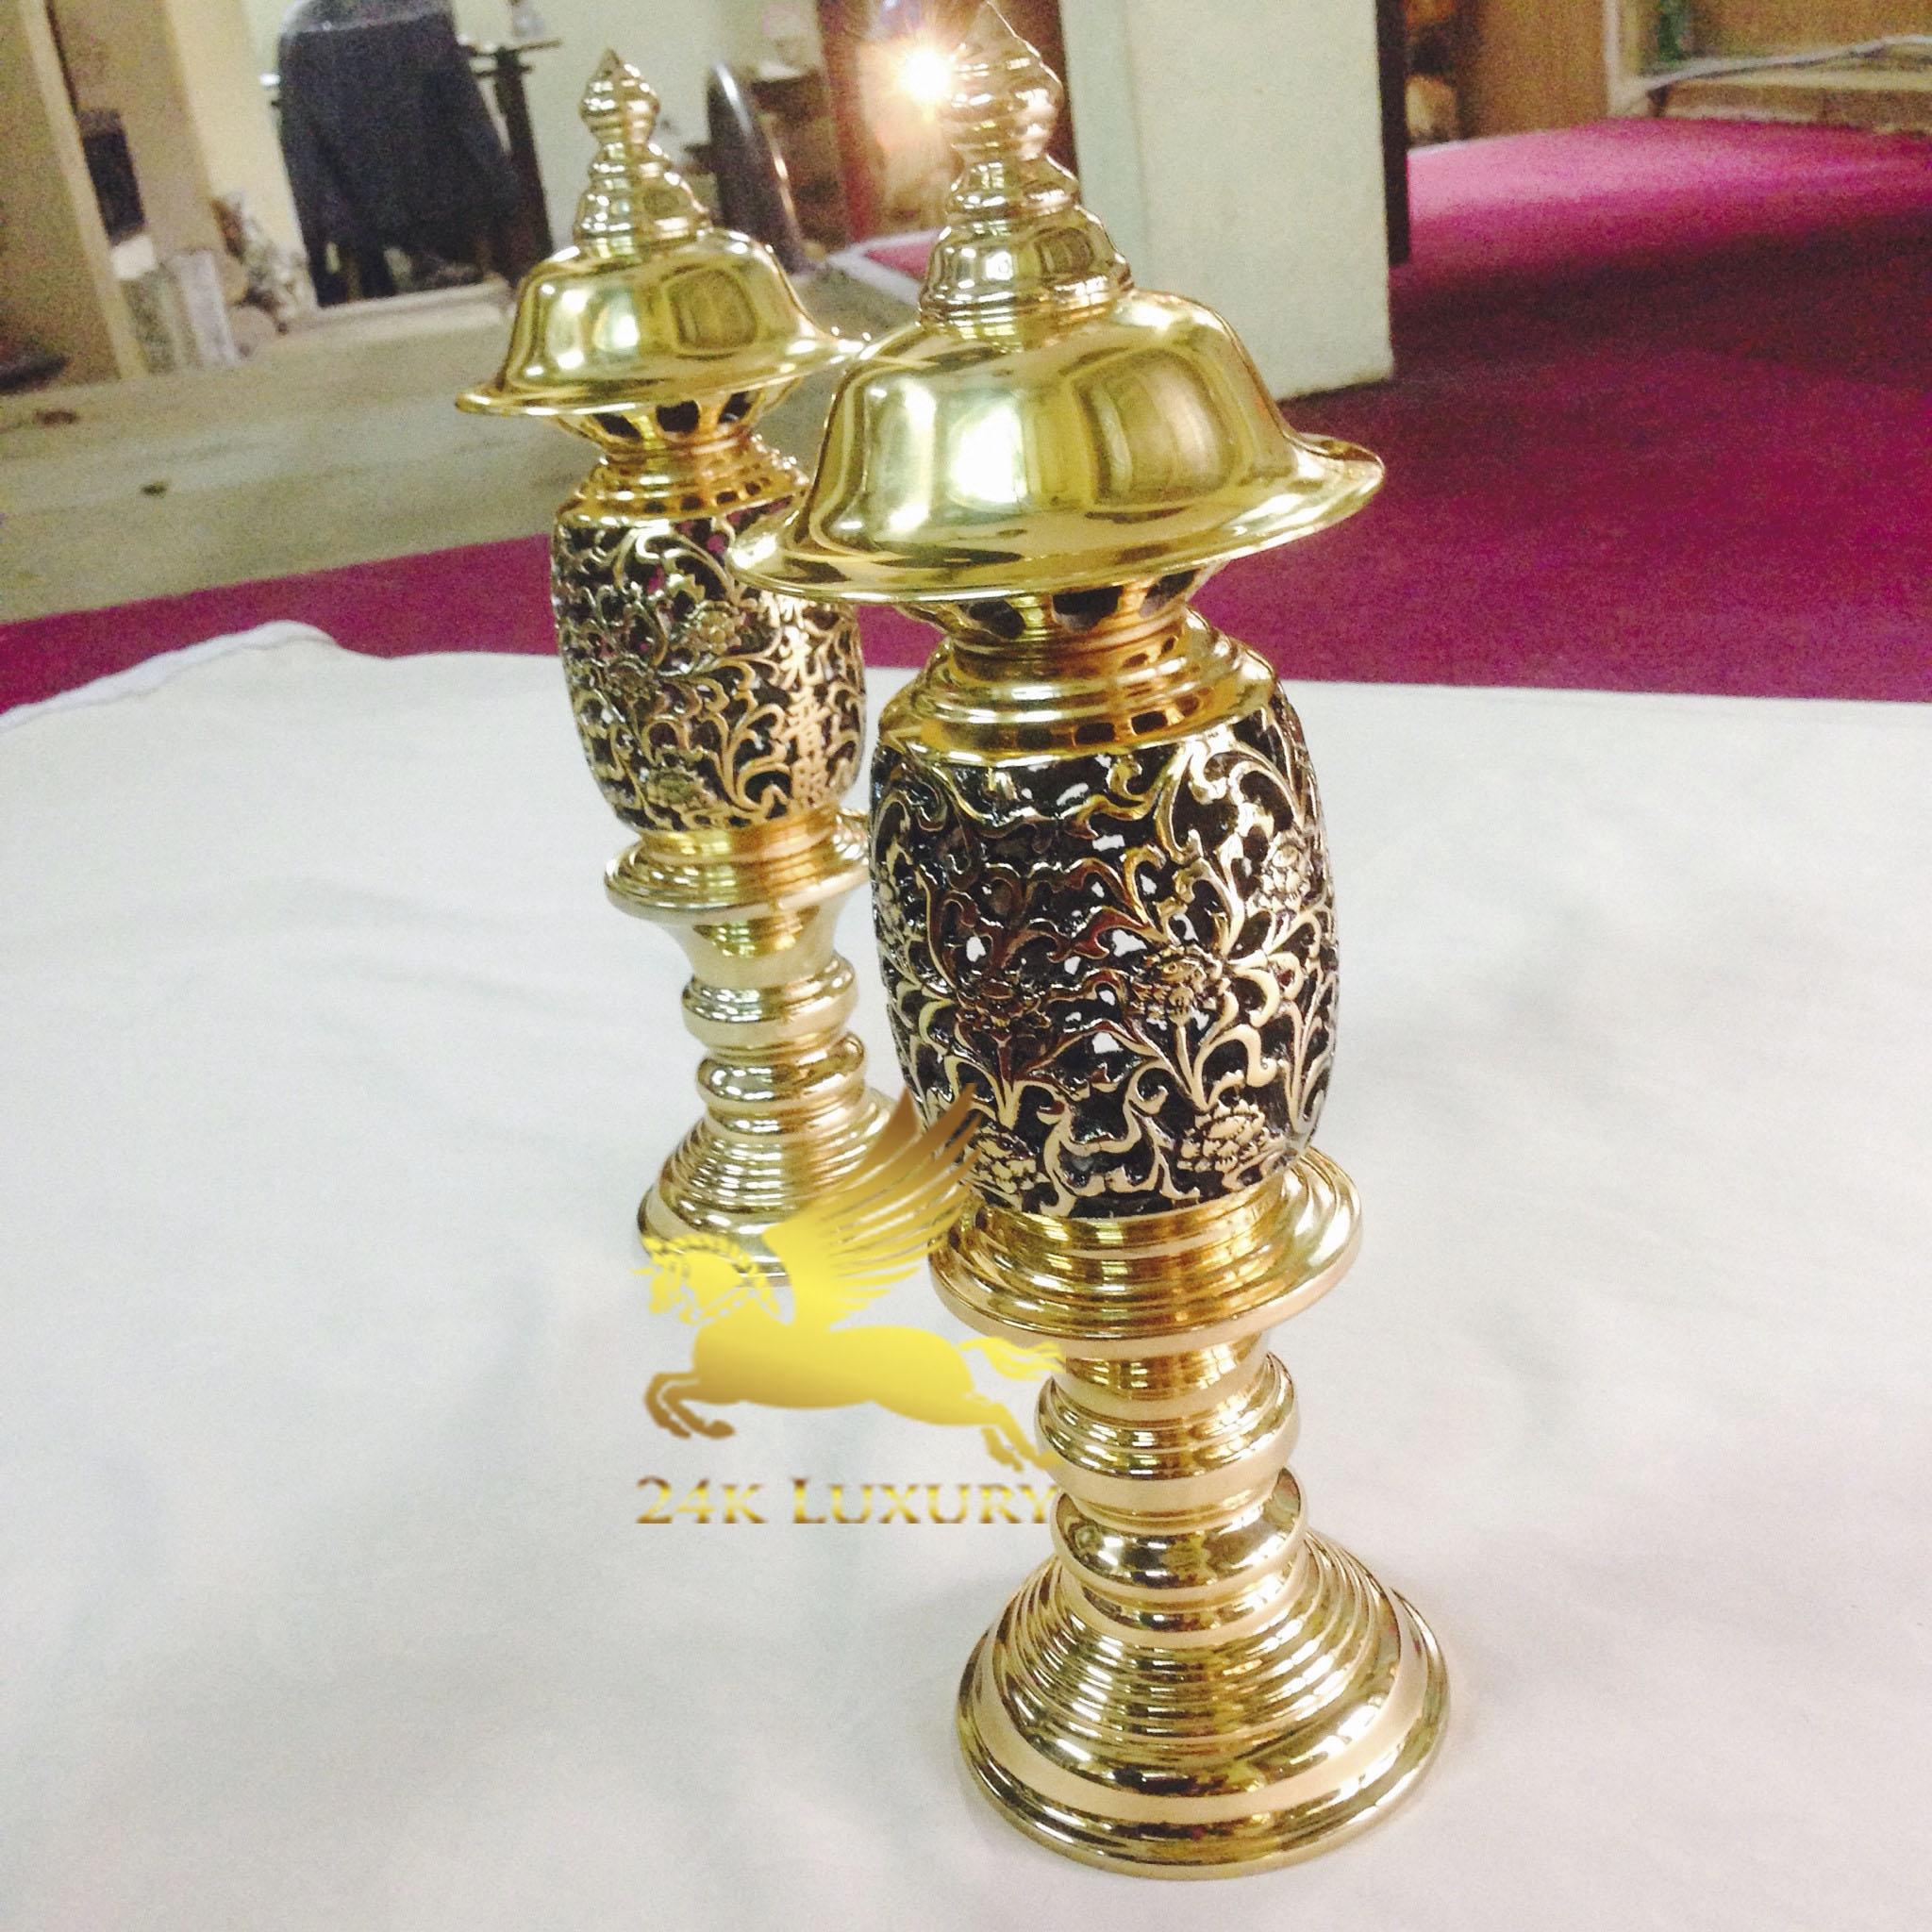 Đèn thờ mạ vàng sẽ mang lại cảm giác ấm cúng, không gây chói mắt khi bước vào phòng thờ.